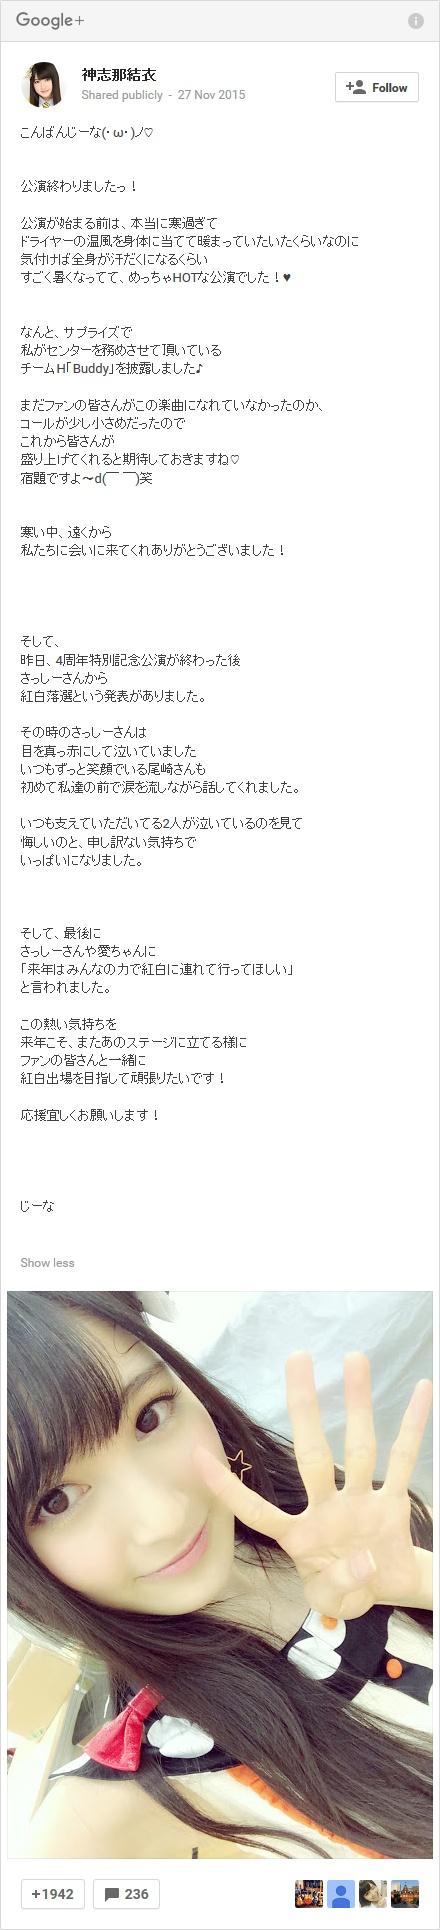 kojina_yui-20151127.jpg